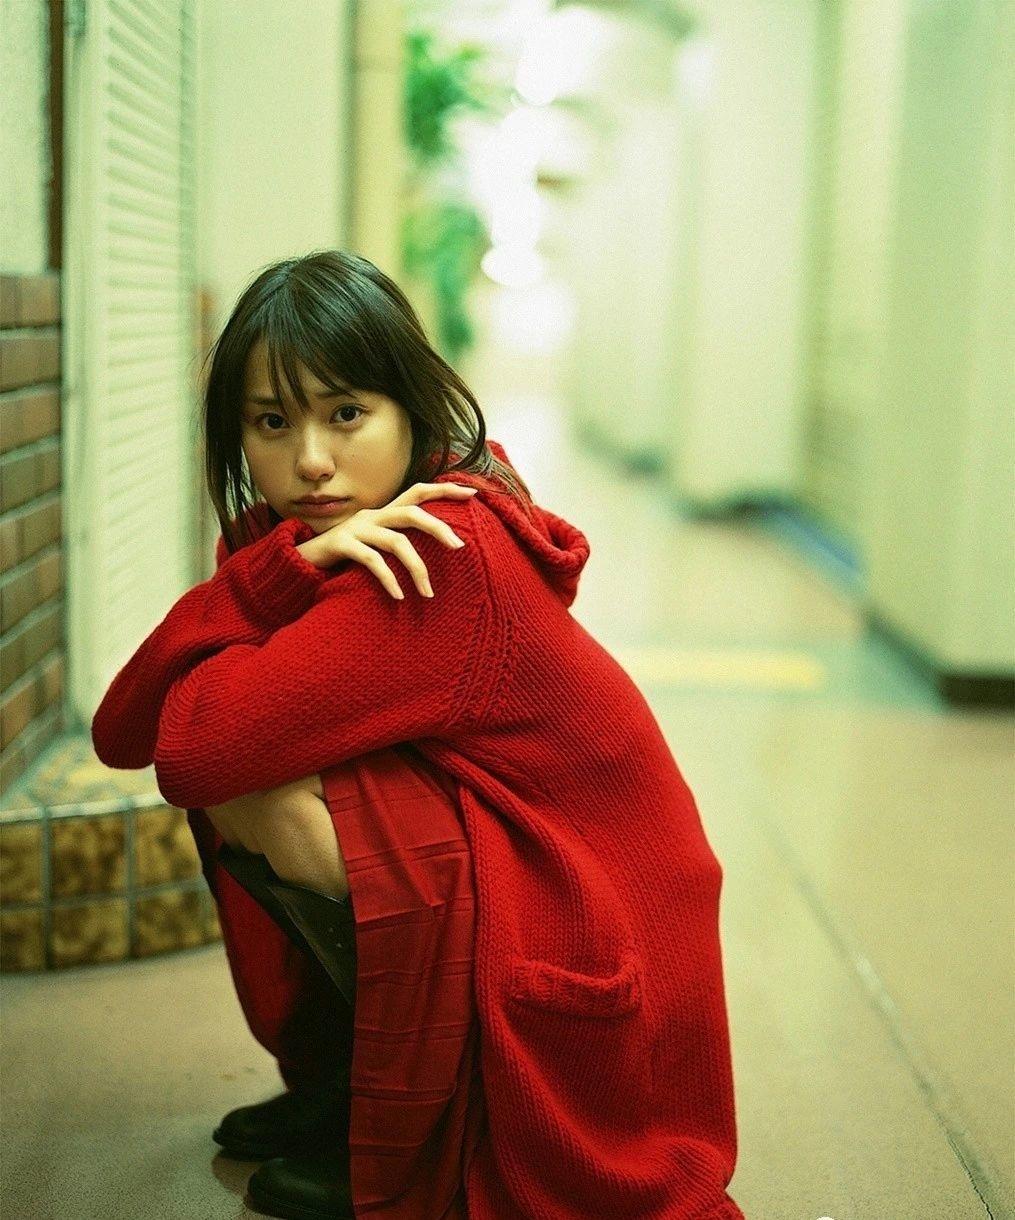 美的不可方物少女时代的户田惠梨香写真作品 (6)